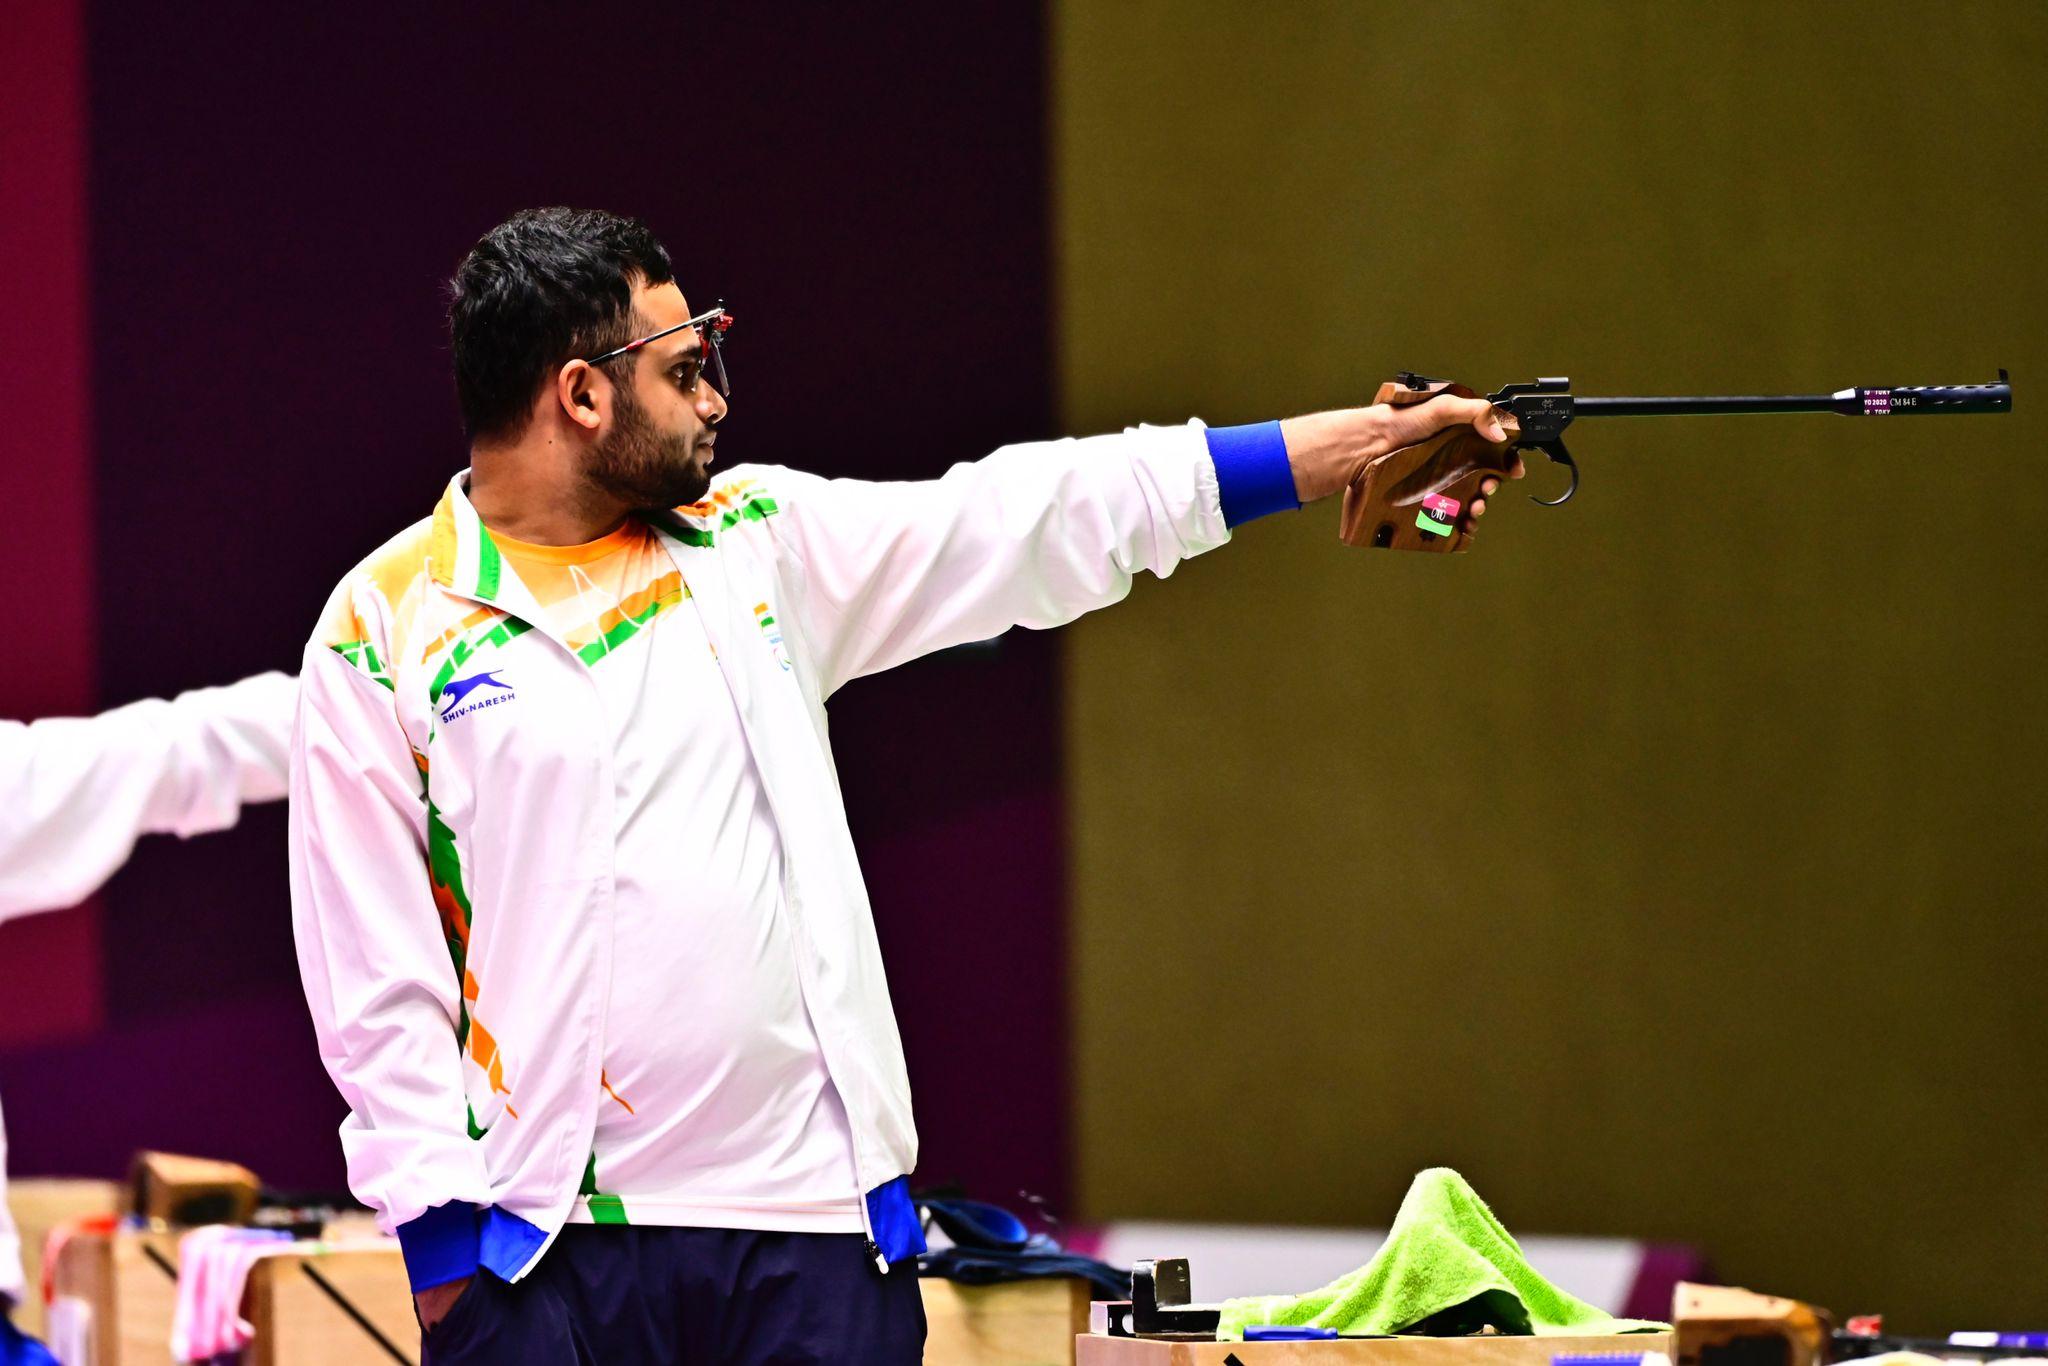 Atlet menembak India Para Manish Narwal beraksi